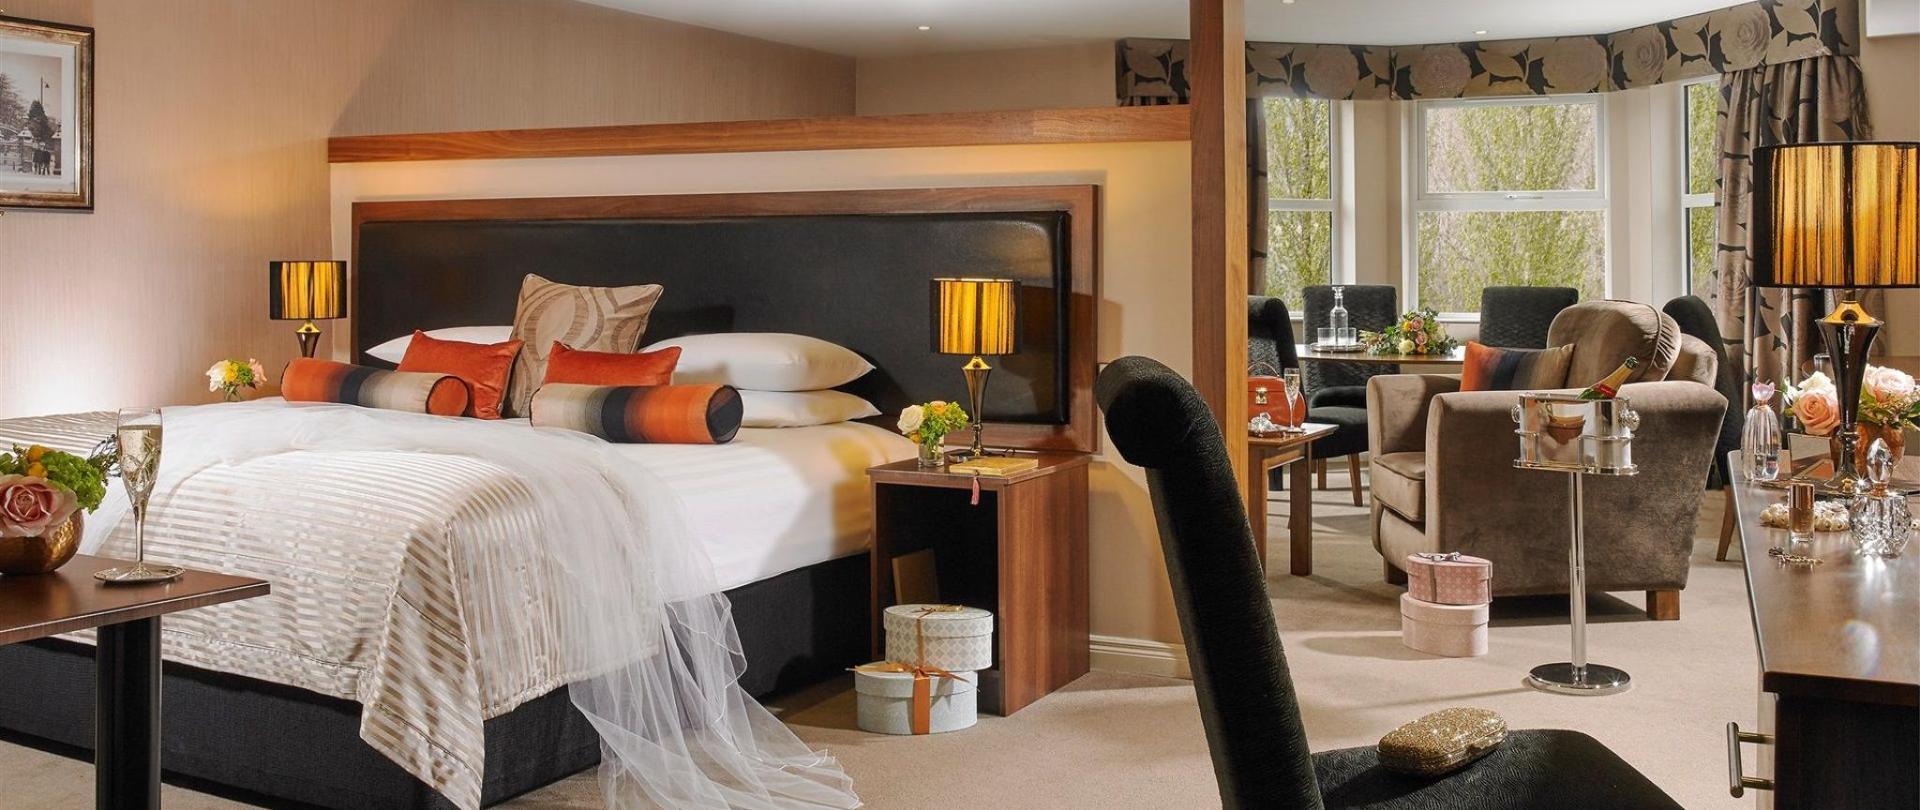 weddings-malone-lodge-hotel-bridal-suite-01.jpg